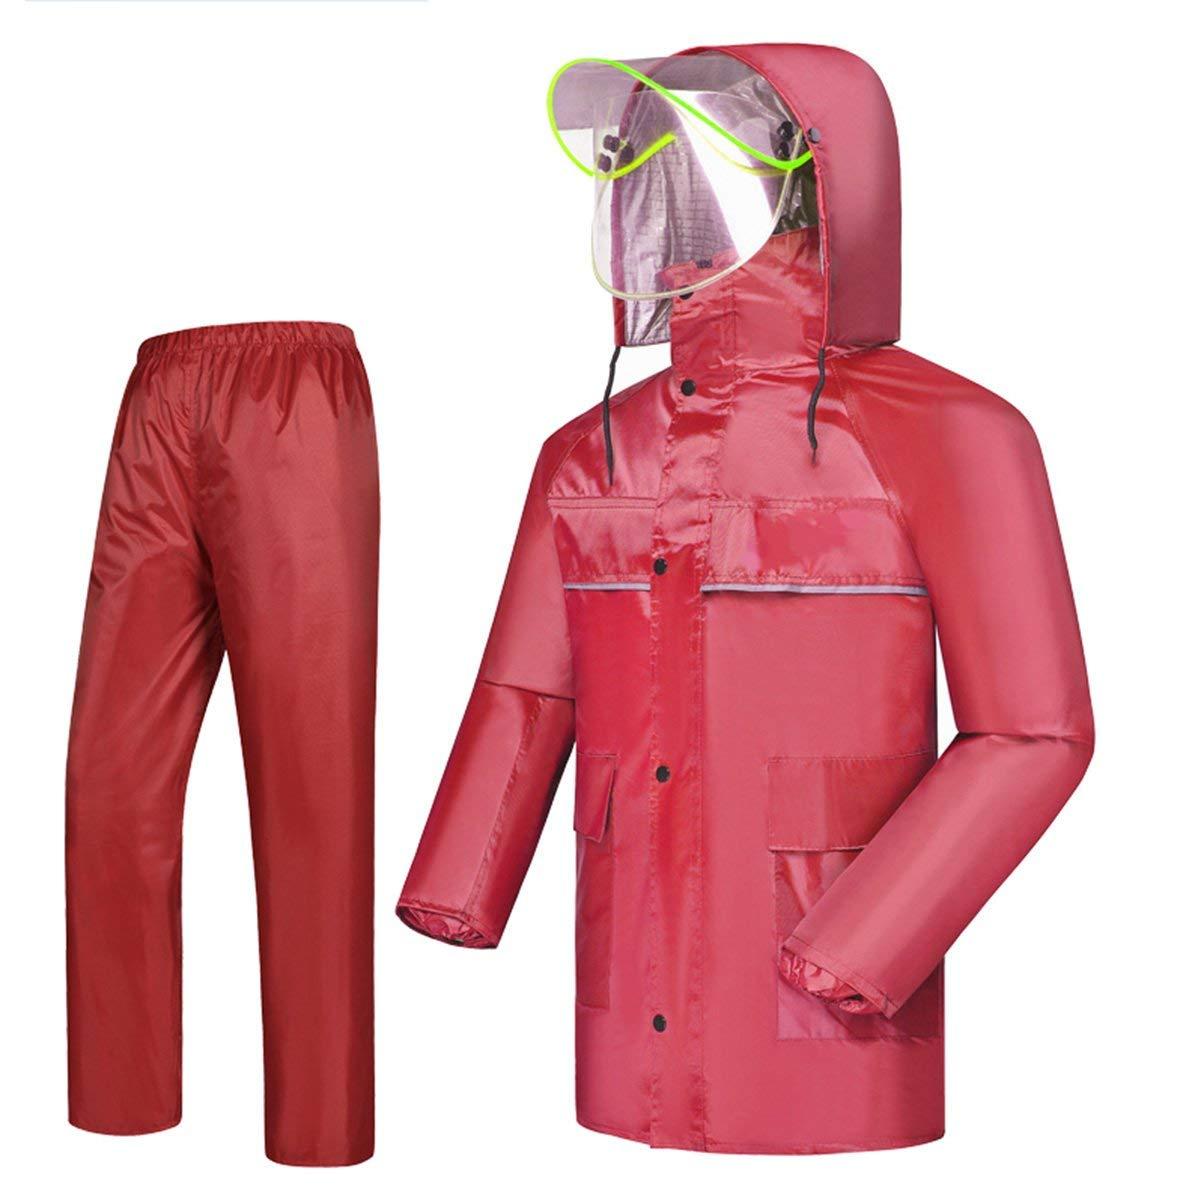 レインコート、男性用、レディース用レインコート、ファッションレインコート、レインプルーフファブリック、レインプルーフおよび通気性(カラー:F-L) B07SL2YY94